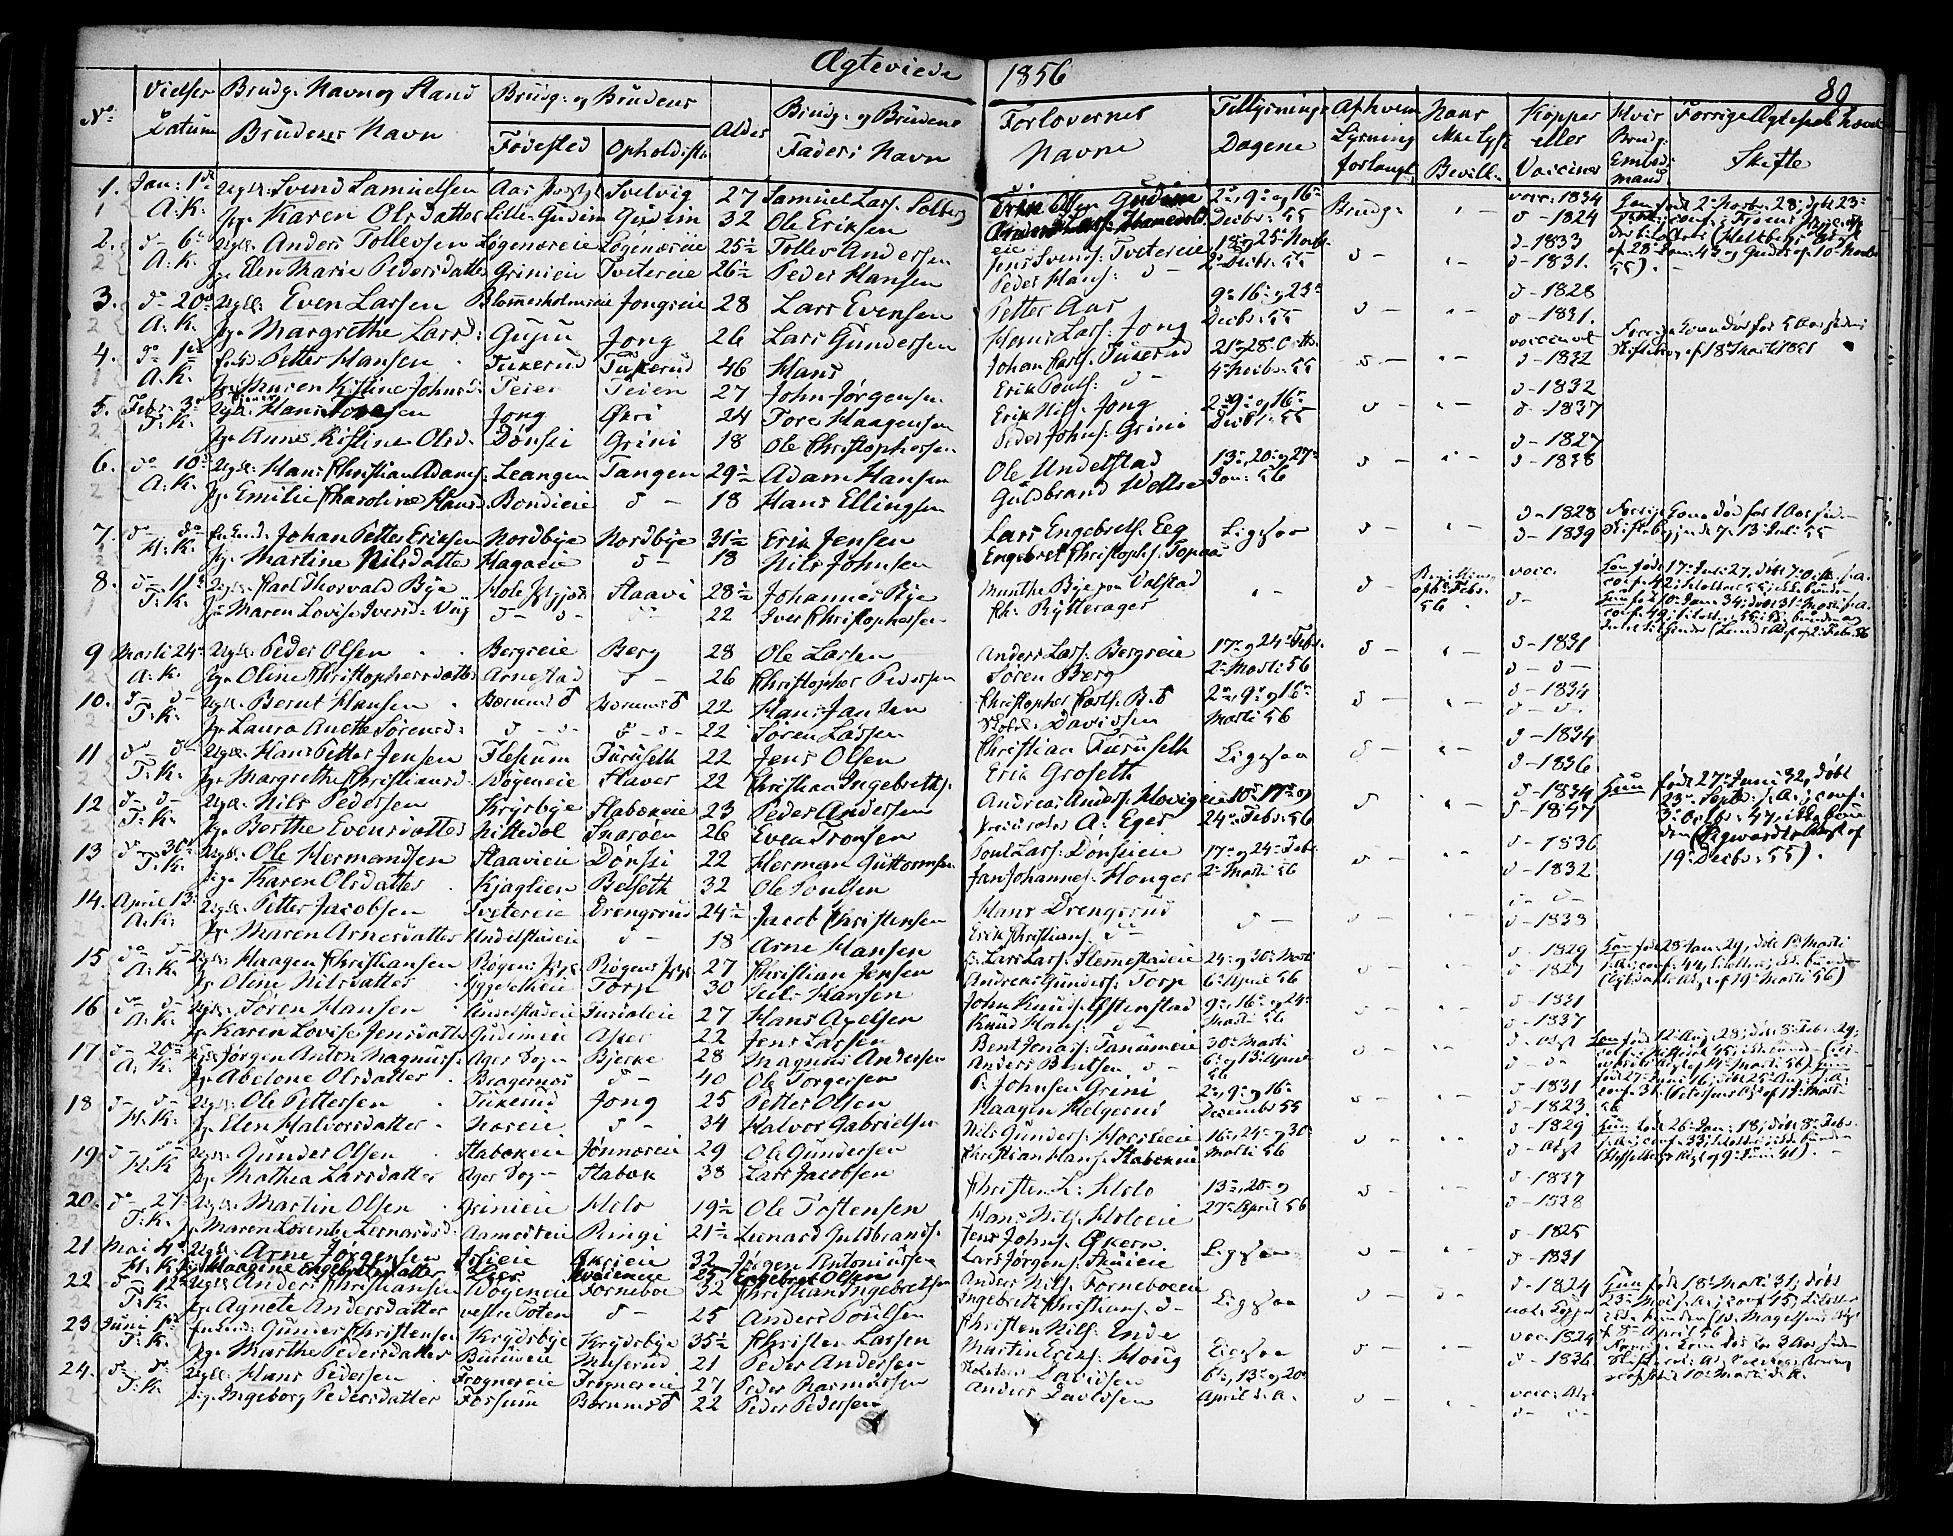 SAO, Asker prestekontor Kirkebøker, F/Fa/L0010: Ministerialbok nr. I 10, 1825-1878, s. 89